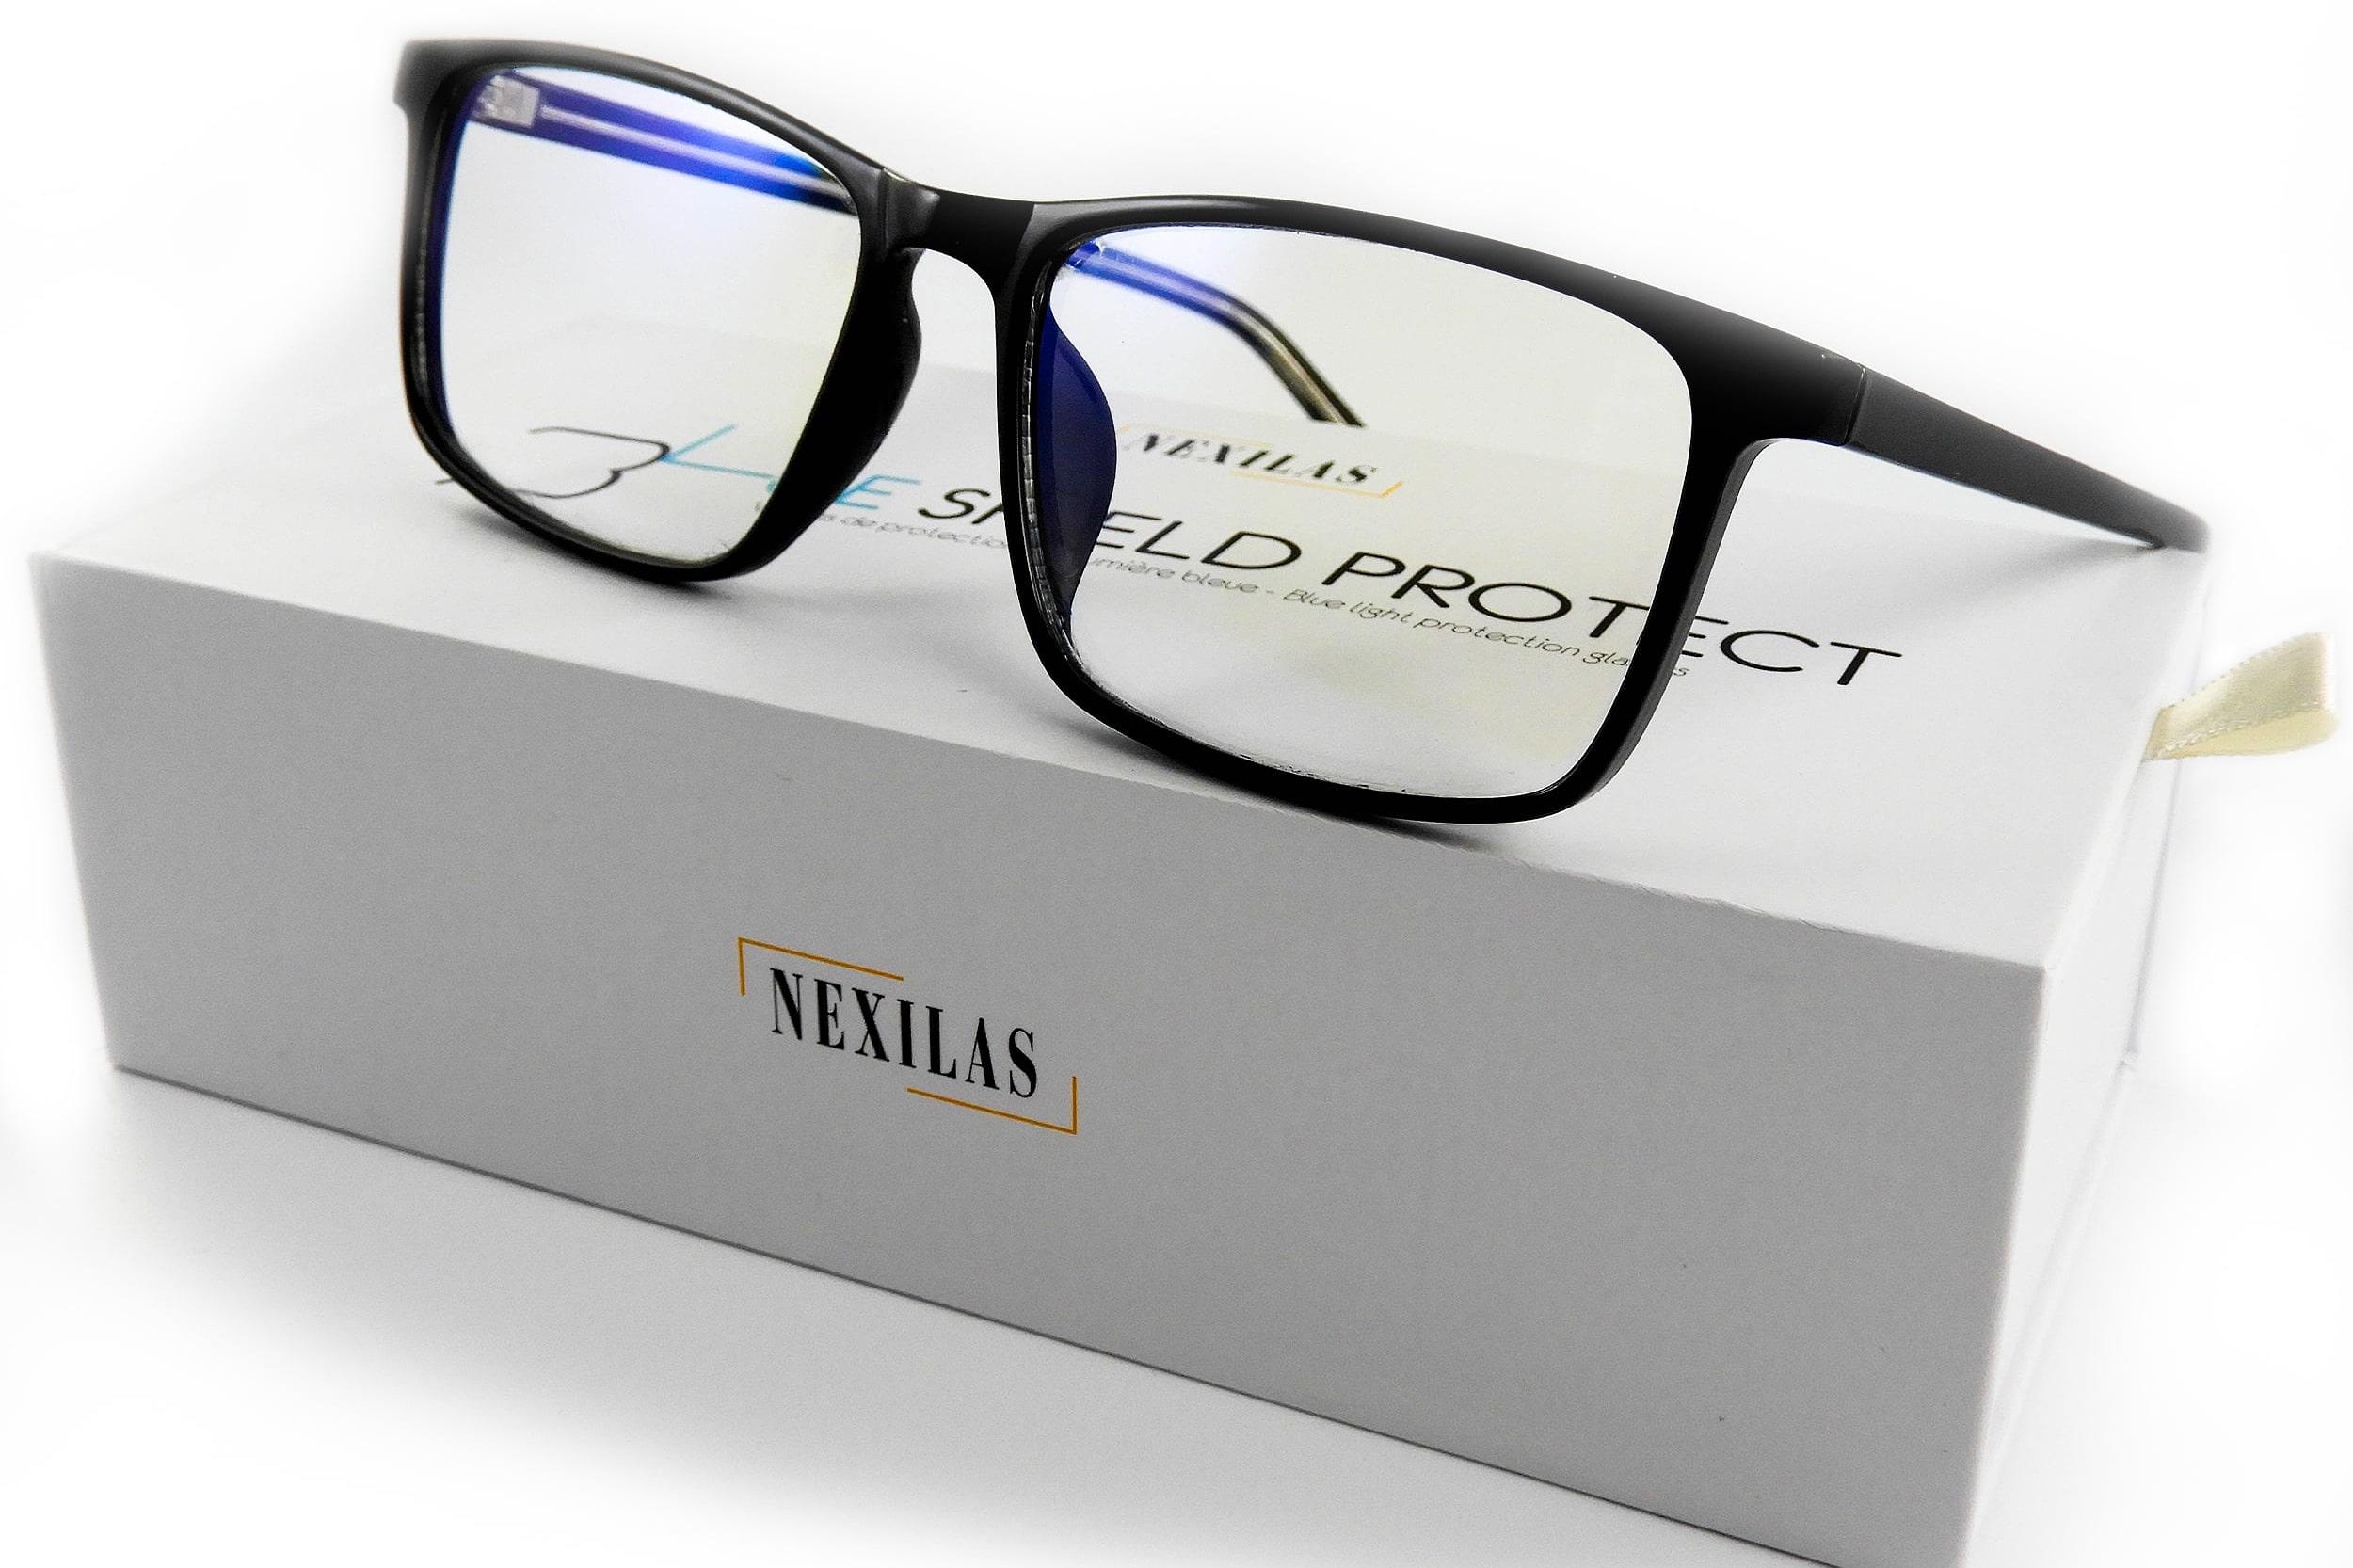 nexilas accueil marque française lunettes BSP